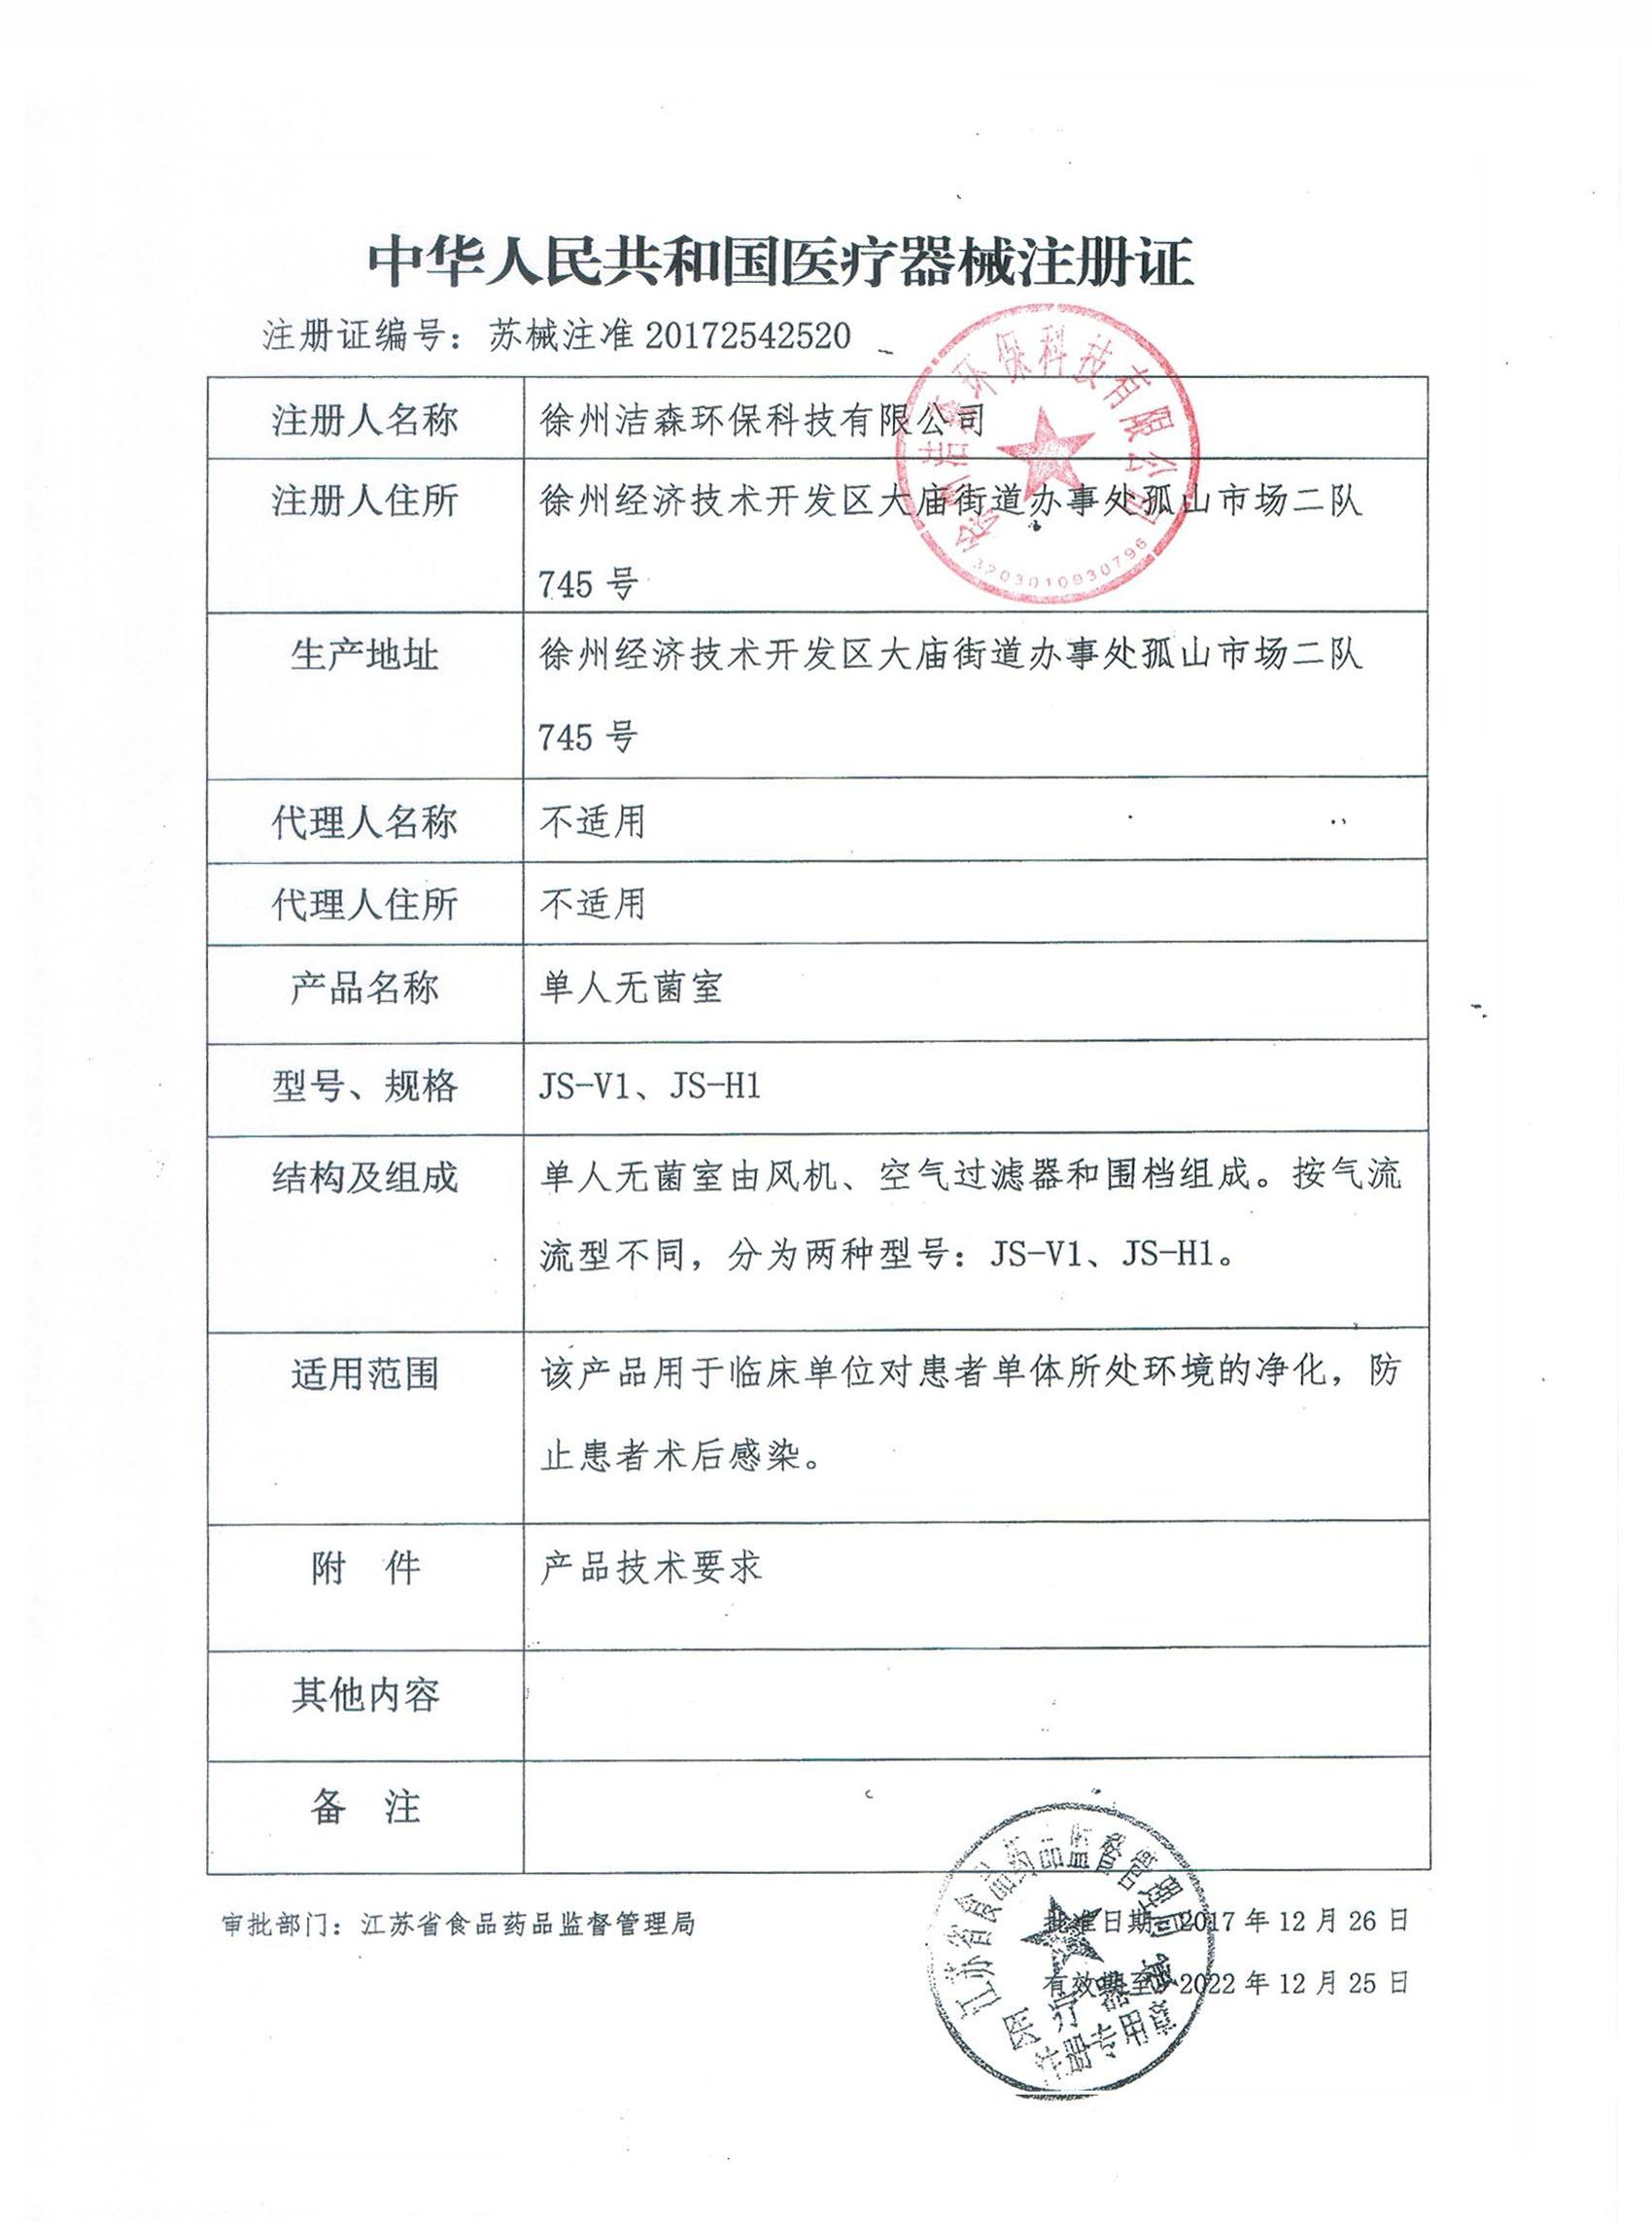 徐州洁森环保科技有限公司层流床医疗器械注册证